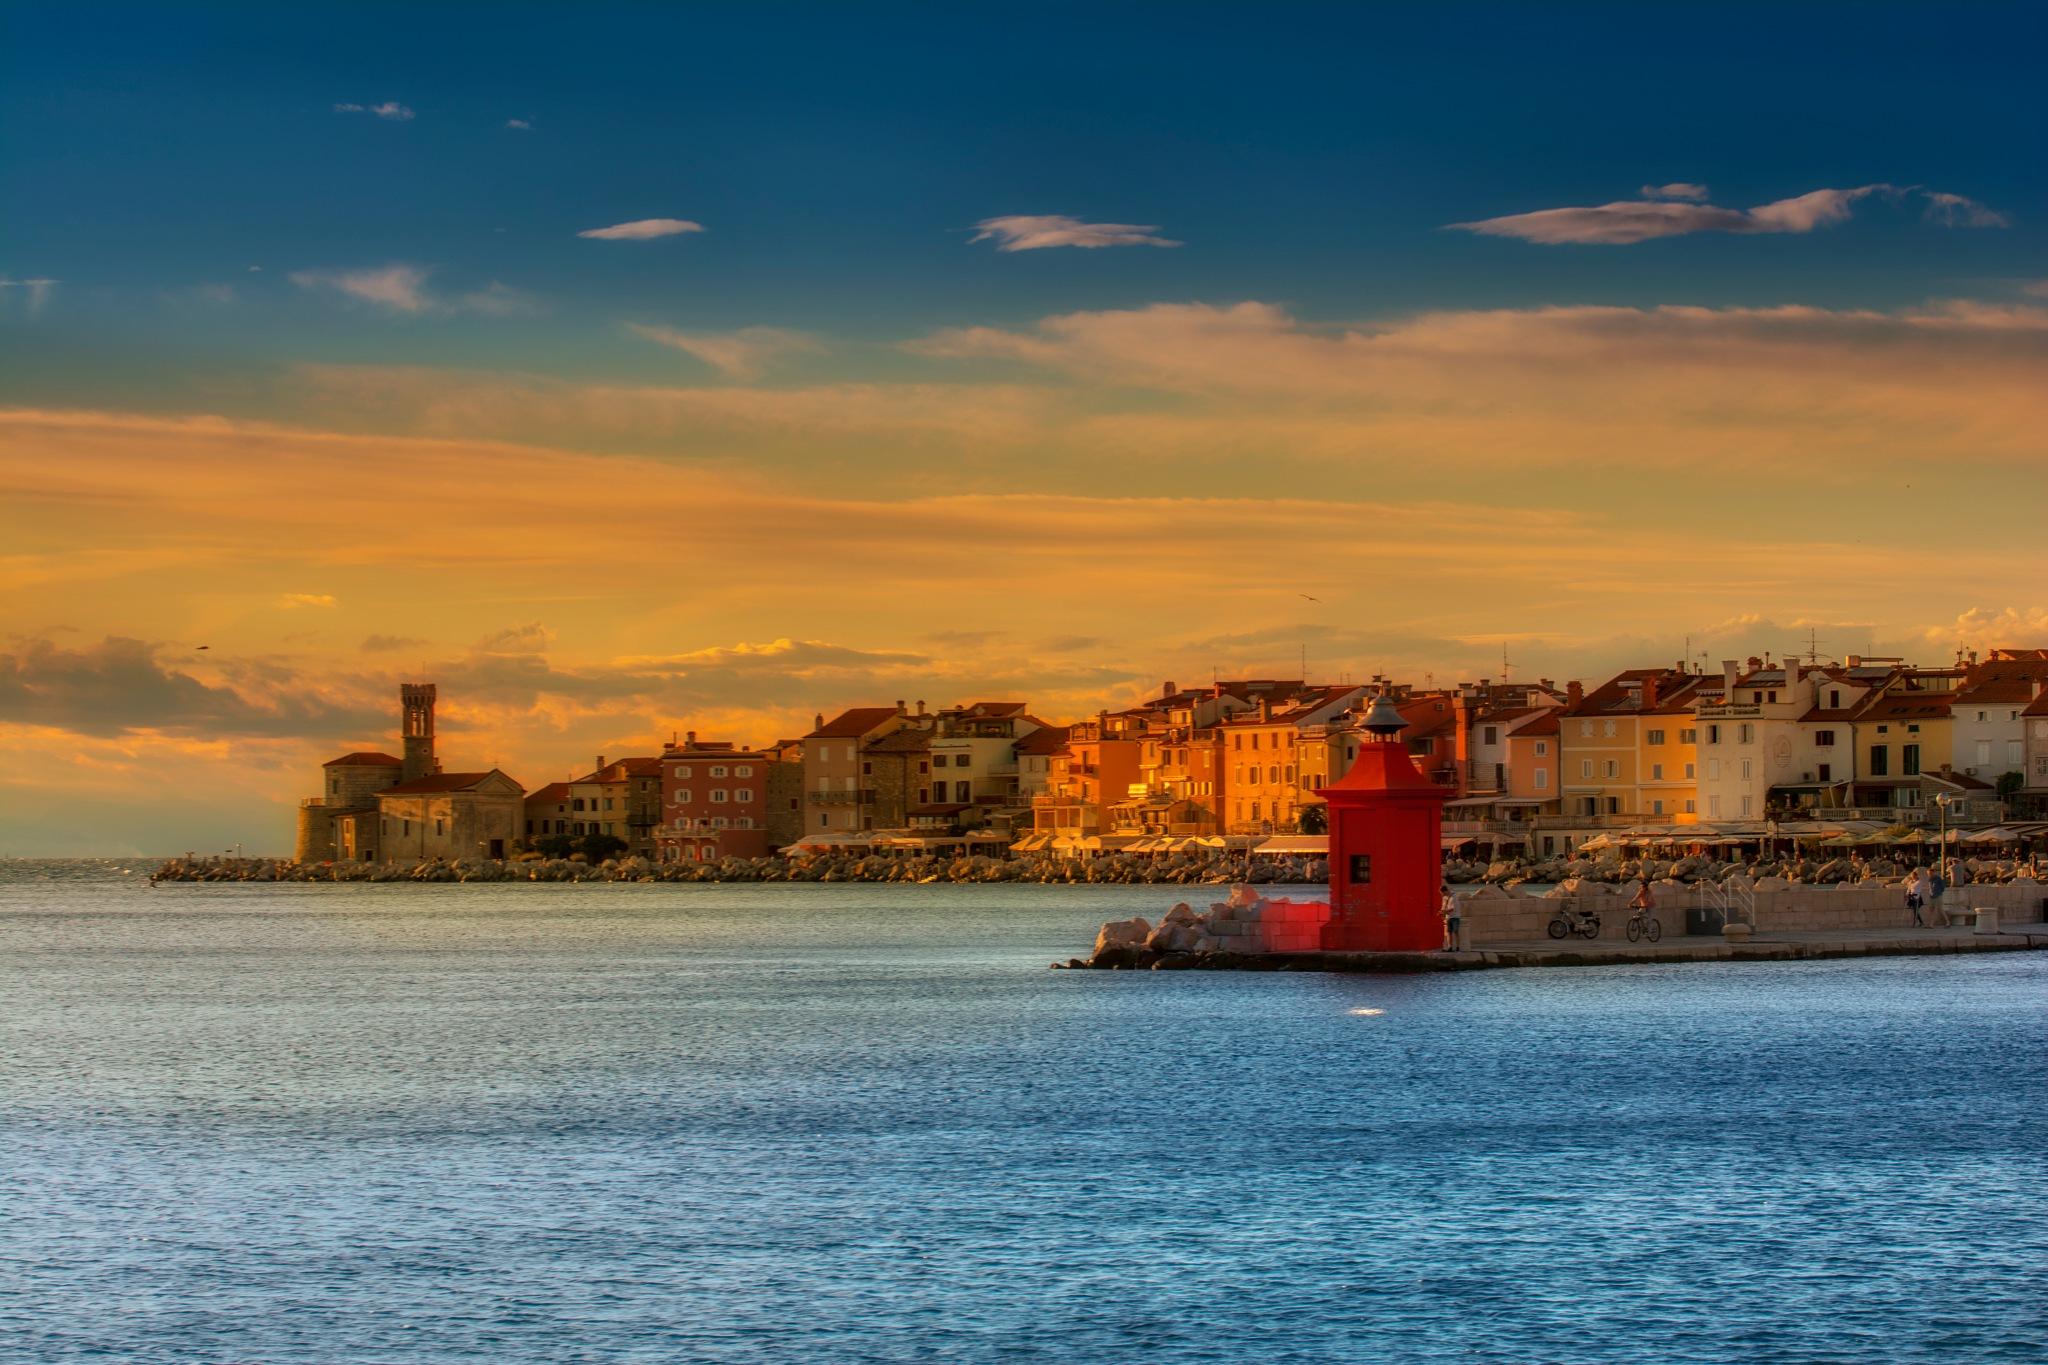 PIRAN..sunrise by Beno Medic